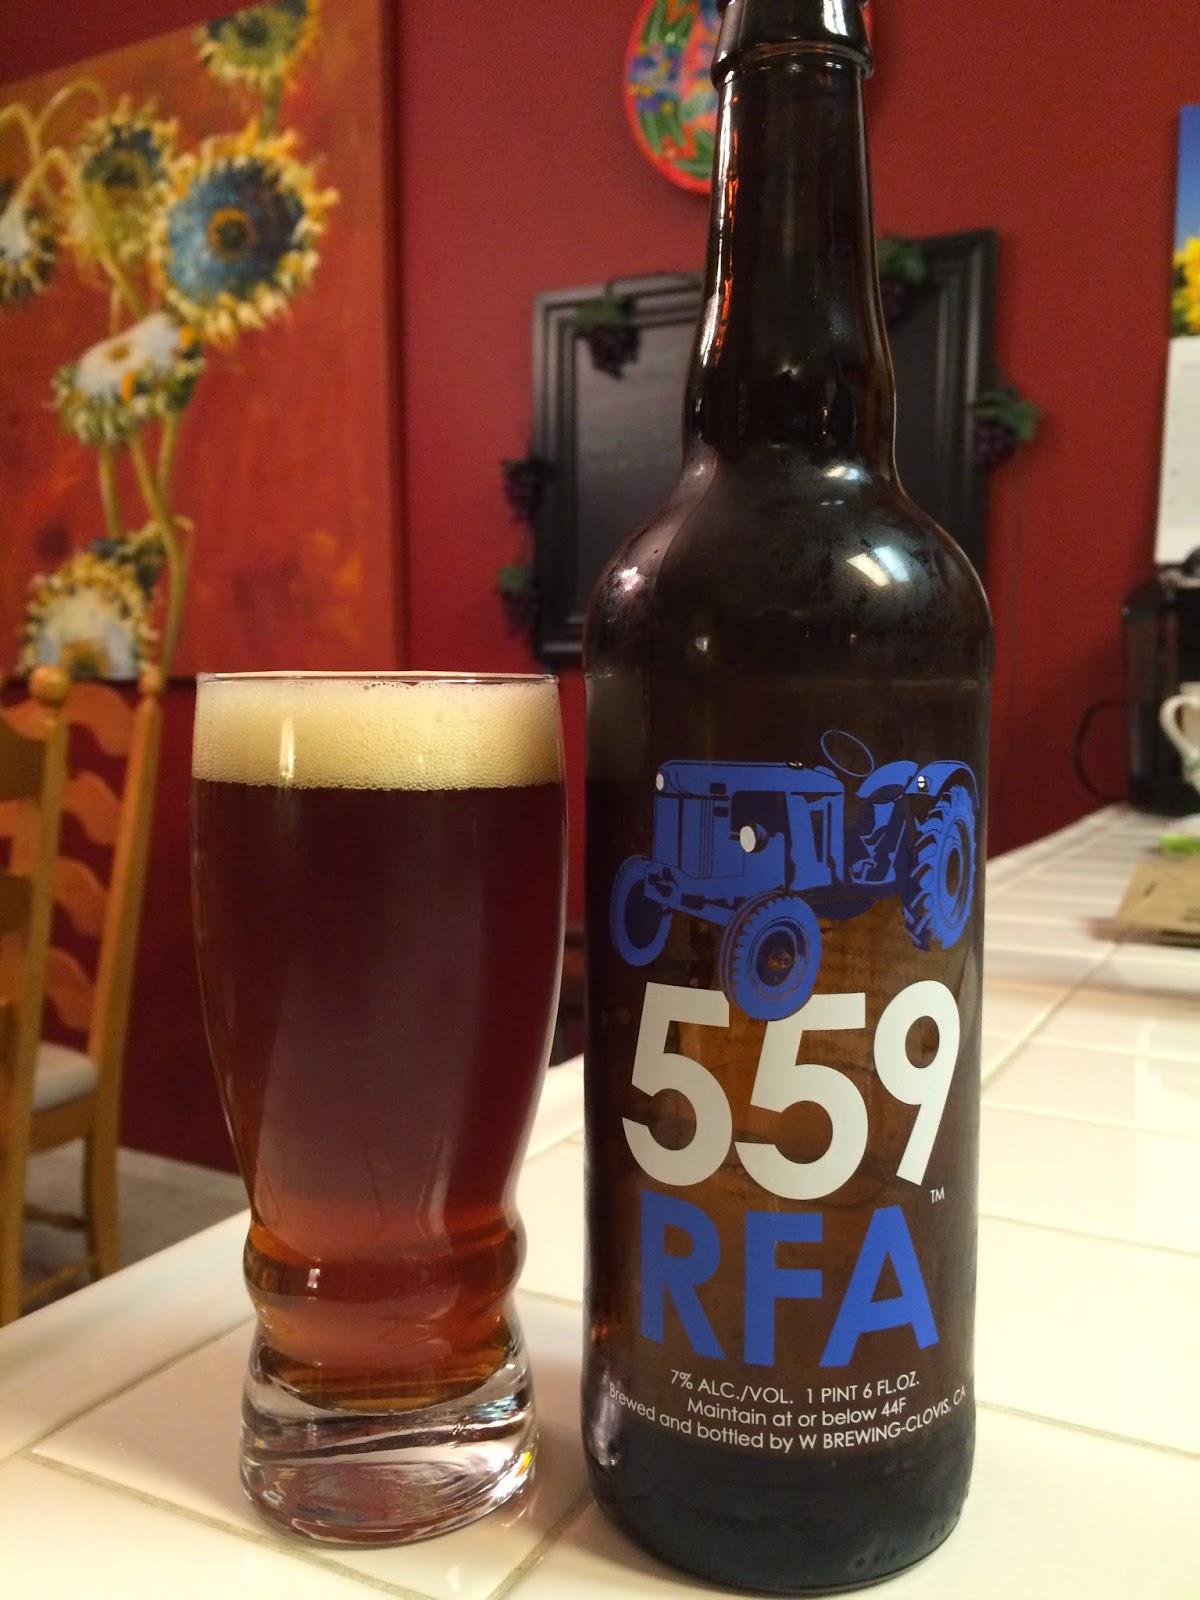 W Brewing RFA Ale 1